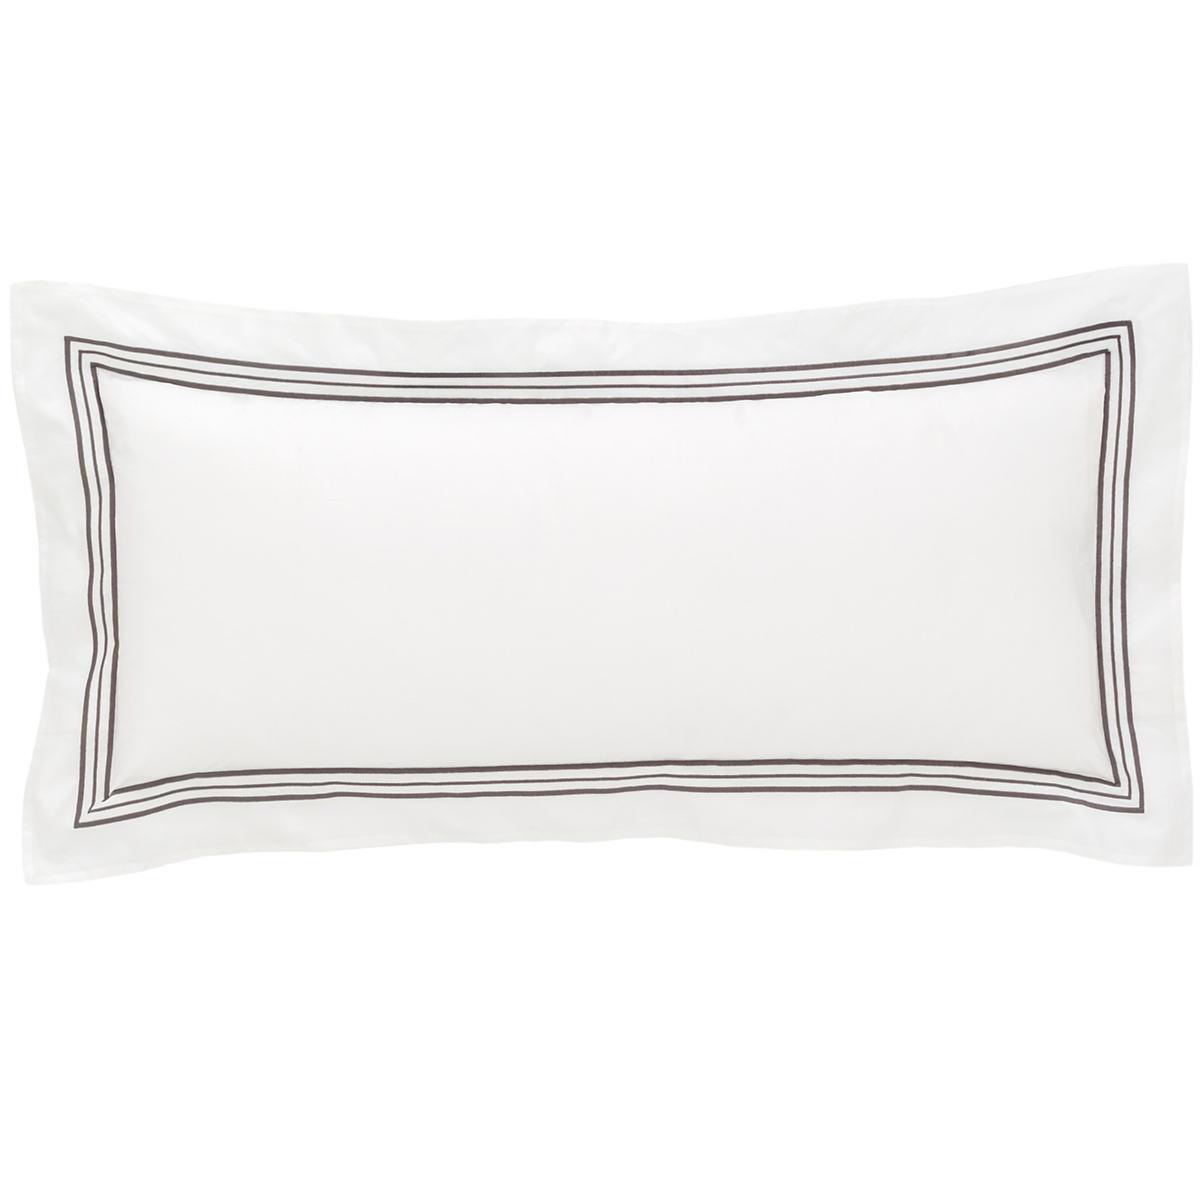 Trio Shale Decorative Pillow